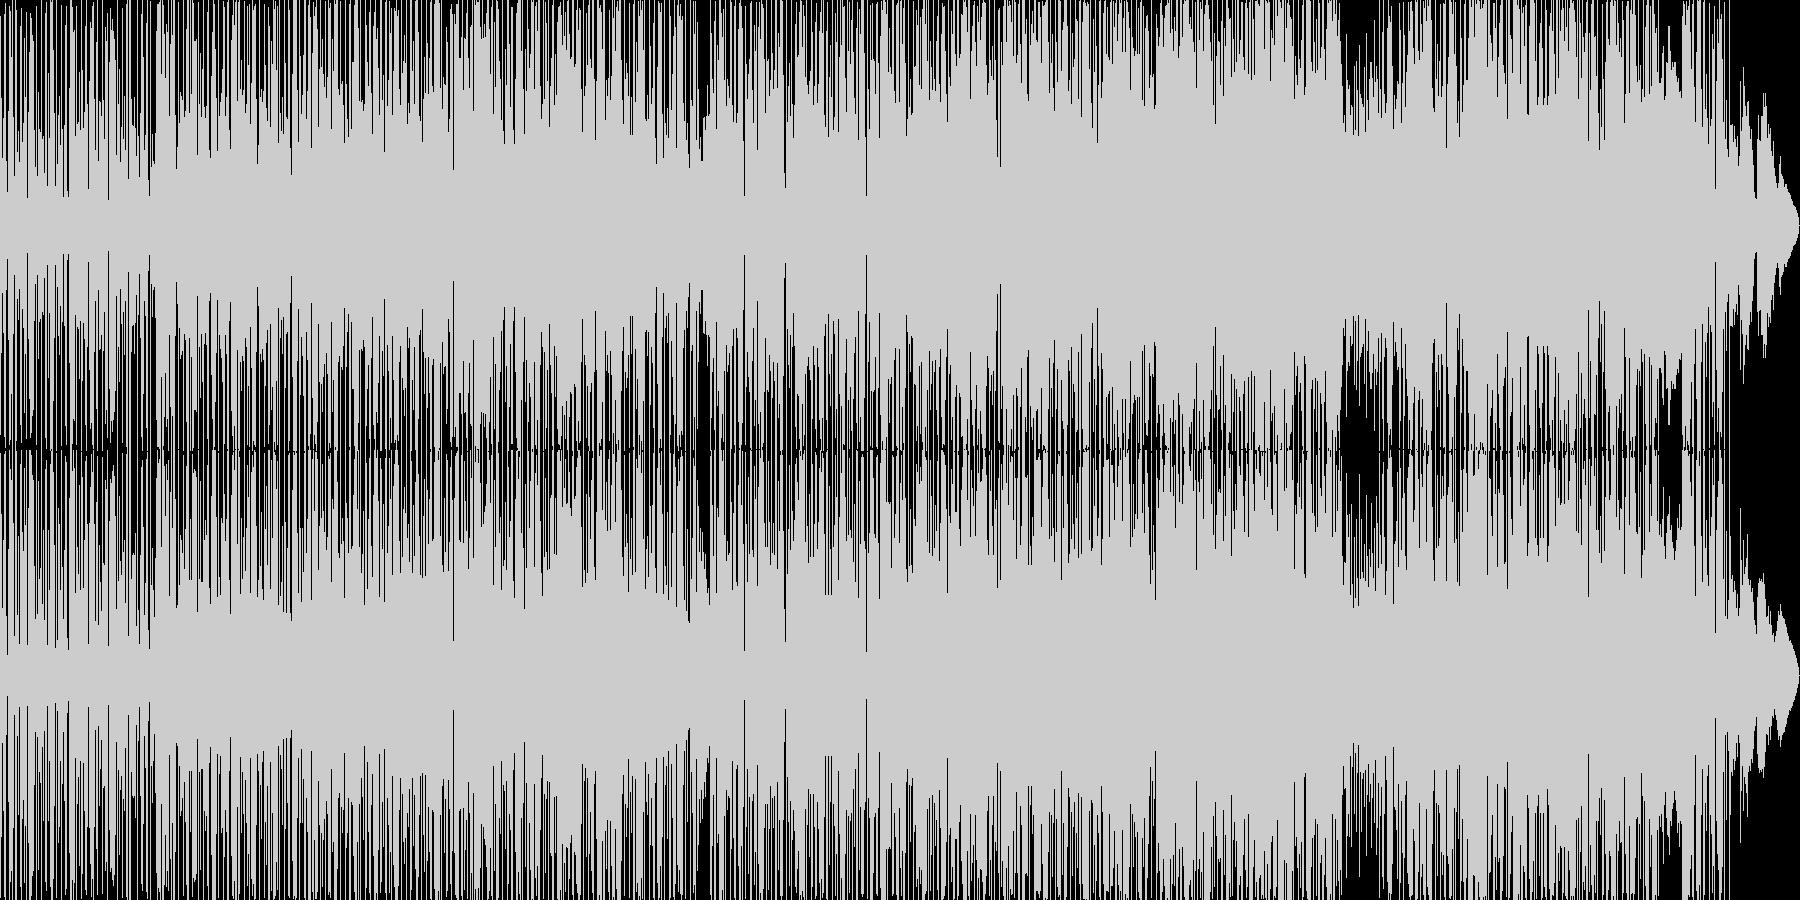 ヒップホップ風のリズムのR&Bバラード5の未再生の波形